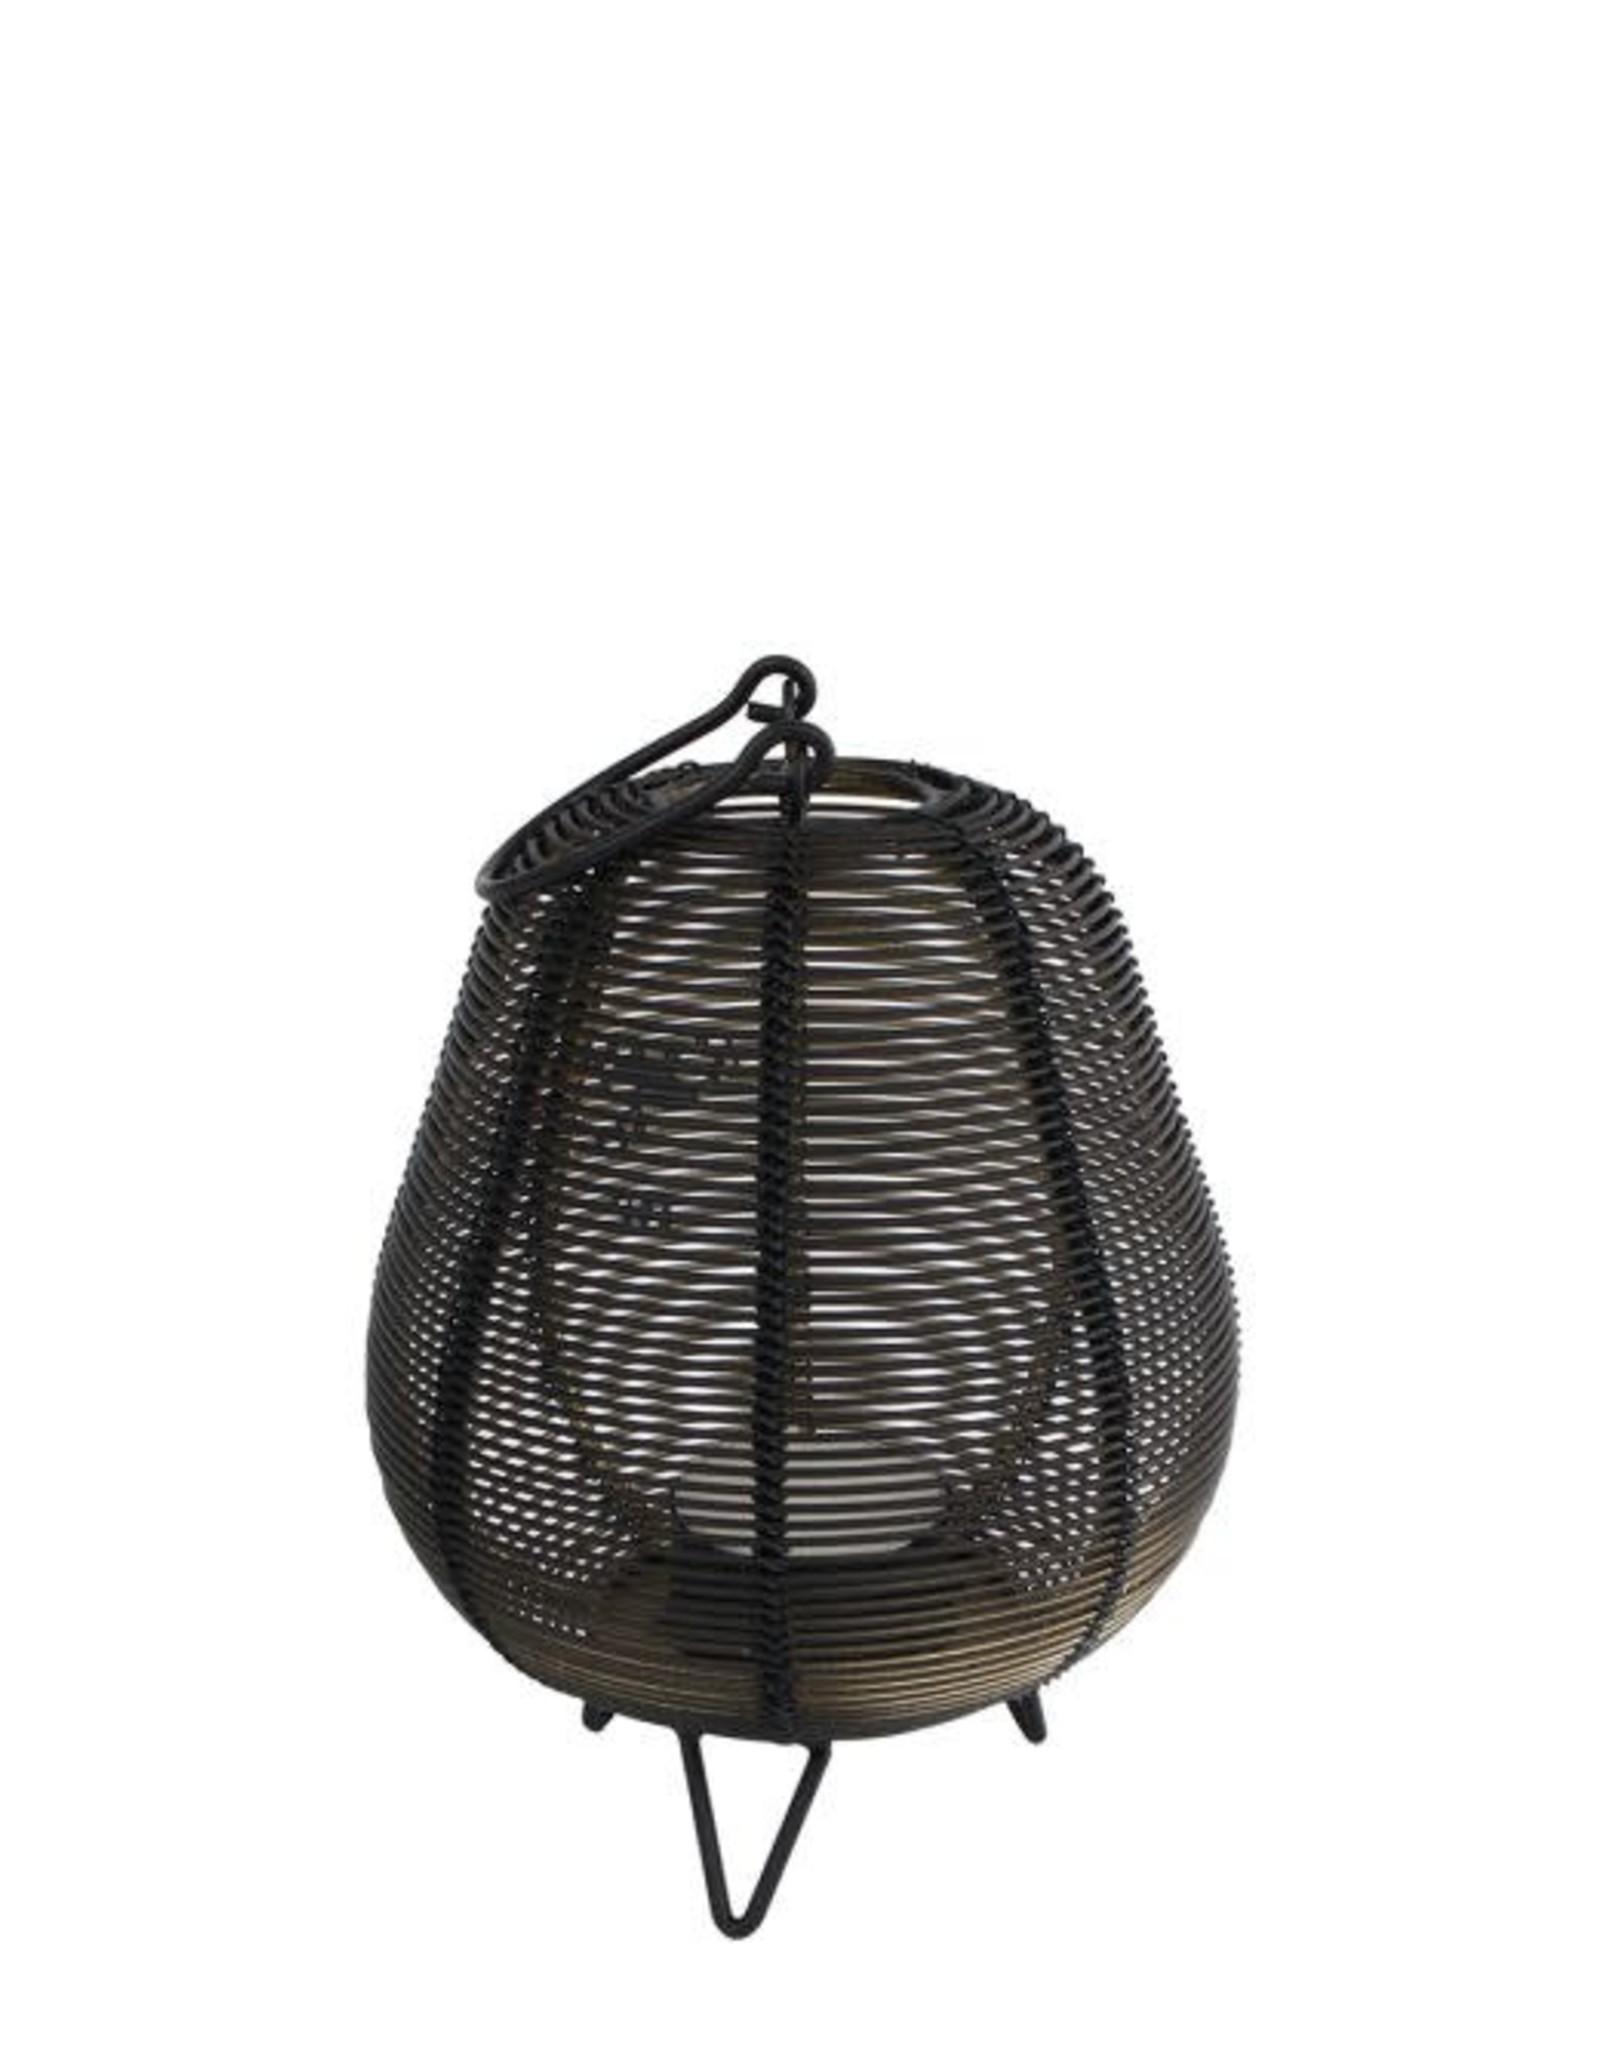 Windlicht Romy S zwart/goud metaal 10x10x13cm